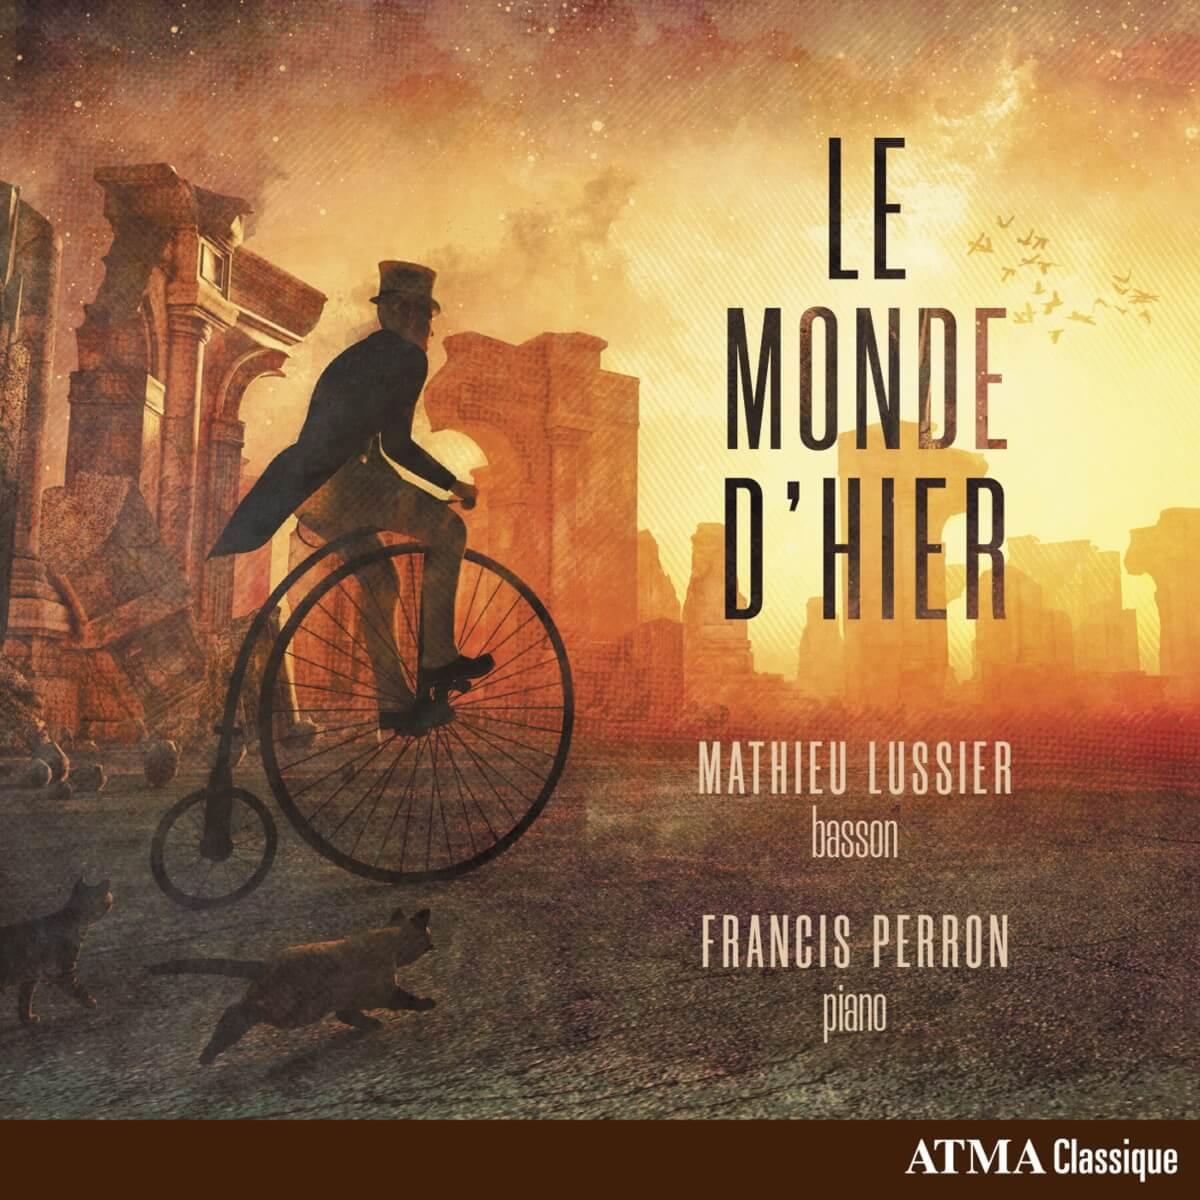 couverture CD Le Monde d'hier de Mathieu Lussier et Francis Perron